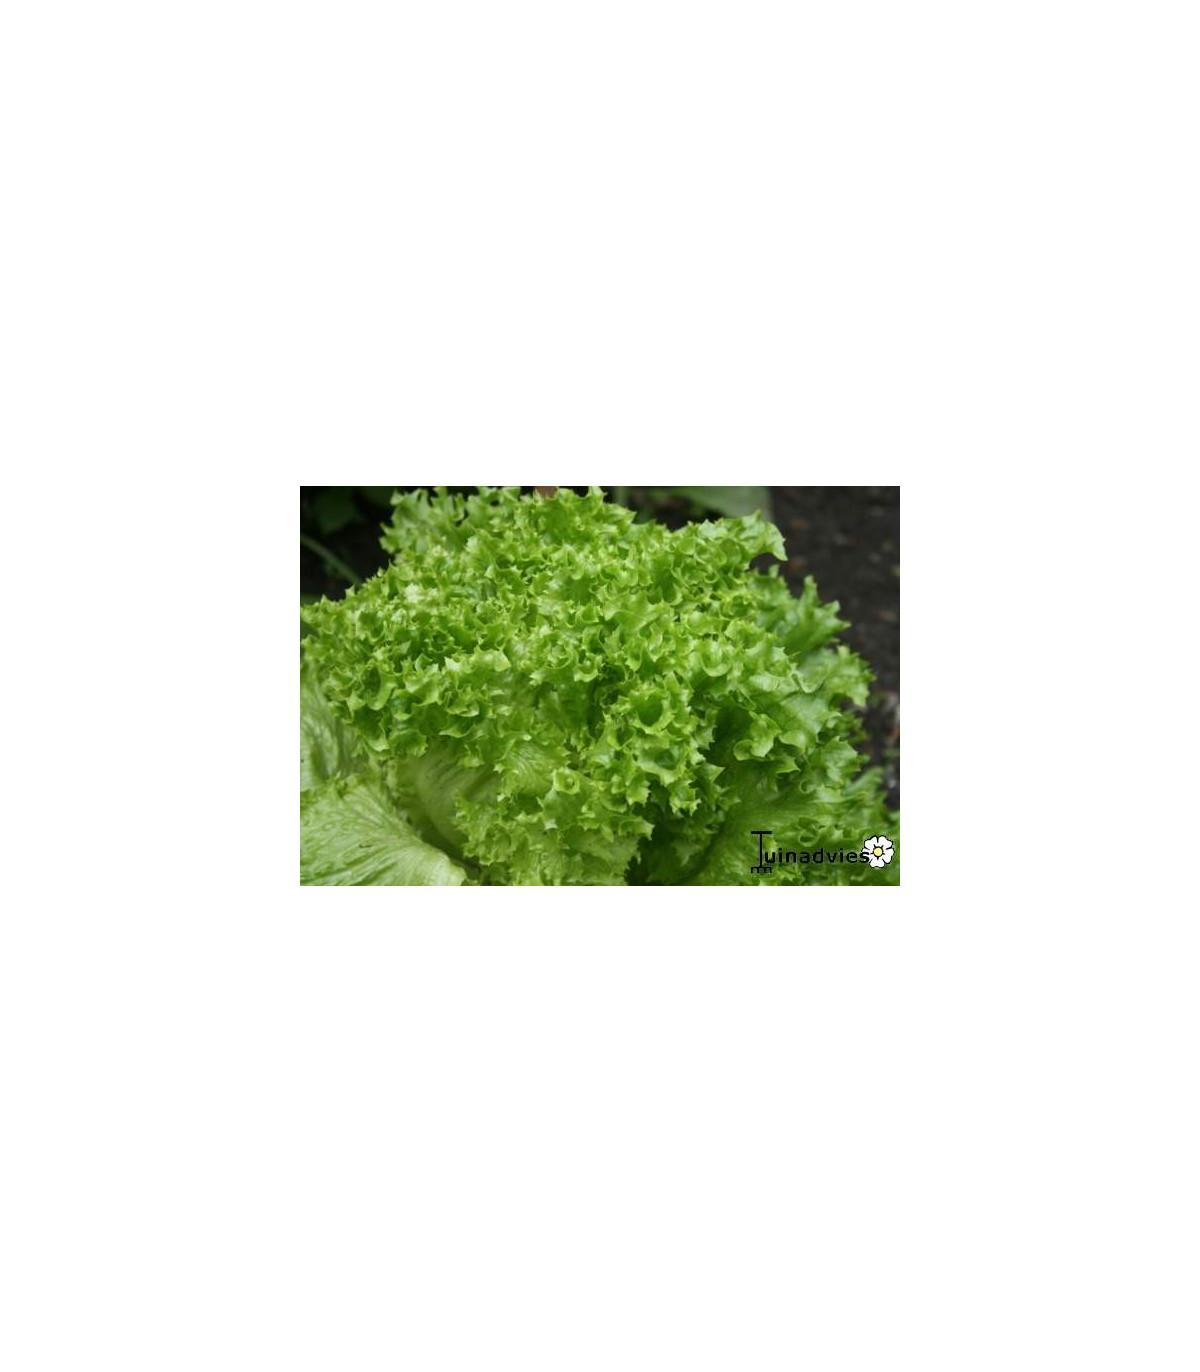 Šalát listový kučeravý Lollo Bionda - semená šalátu - semiačka - 0,5 gr